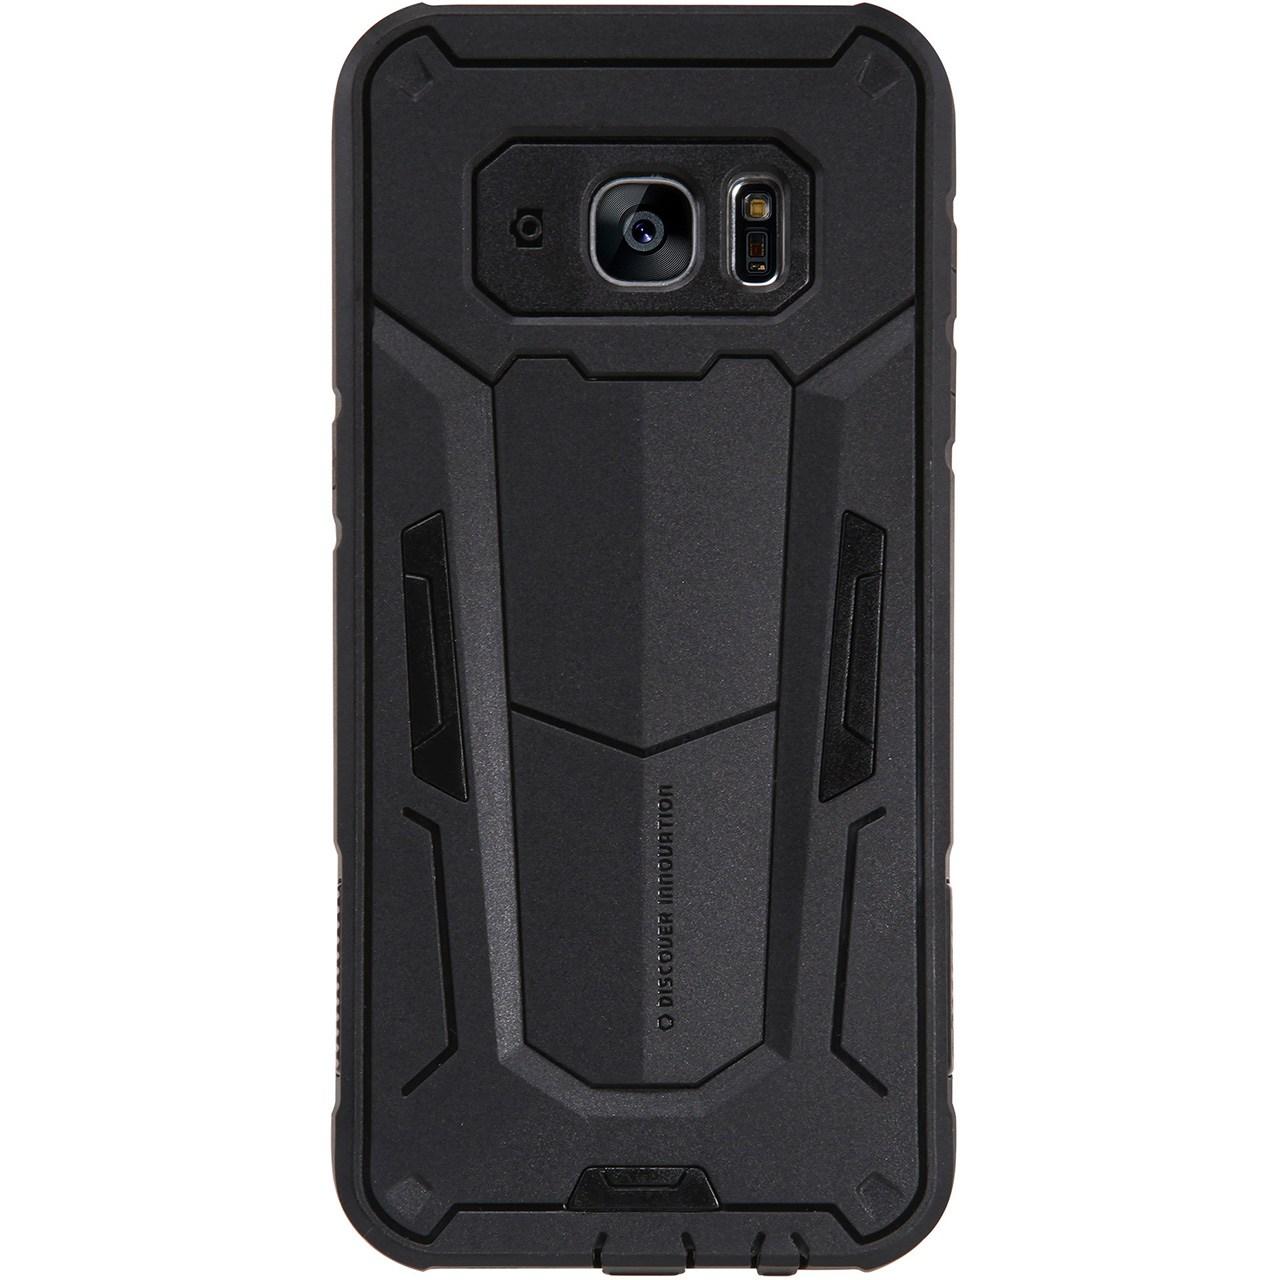 کاور نیلکین مدل Defender 2 مناسب برای گوشی موبایل سامسونگ Galaxy S7 Edge